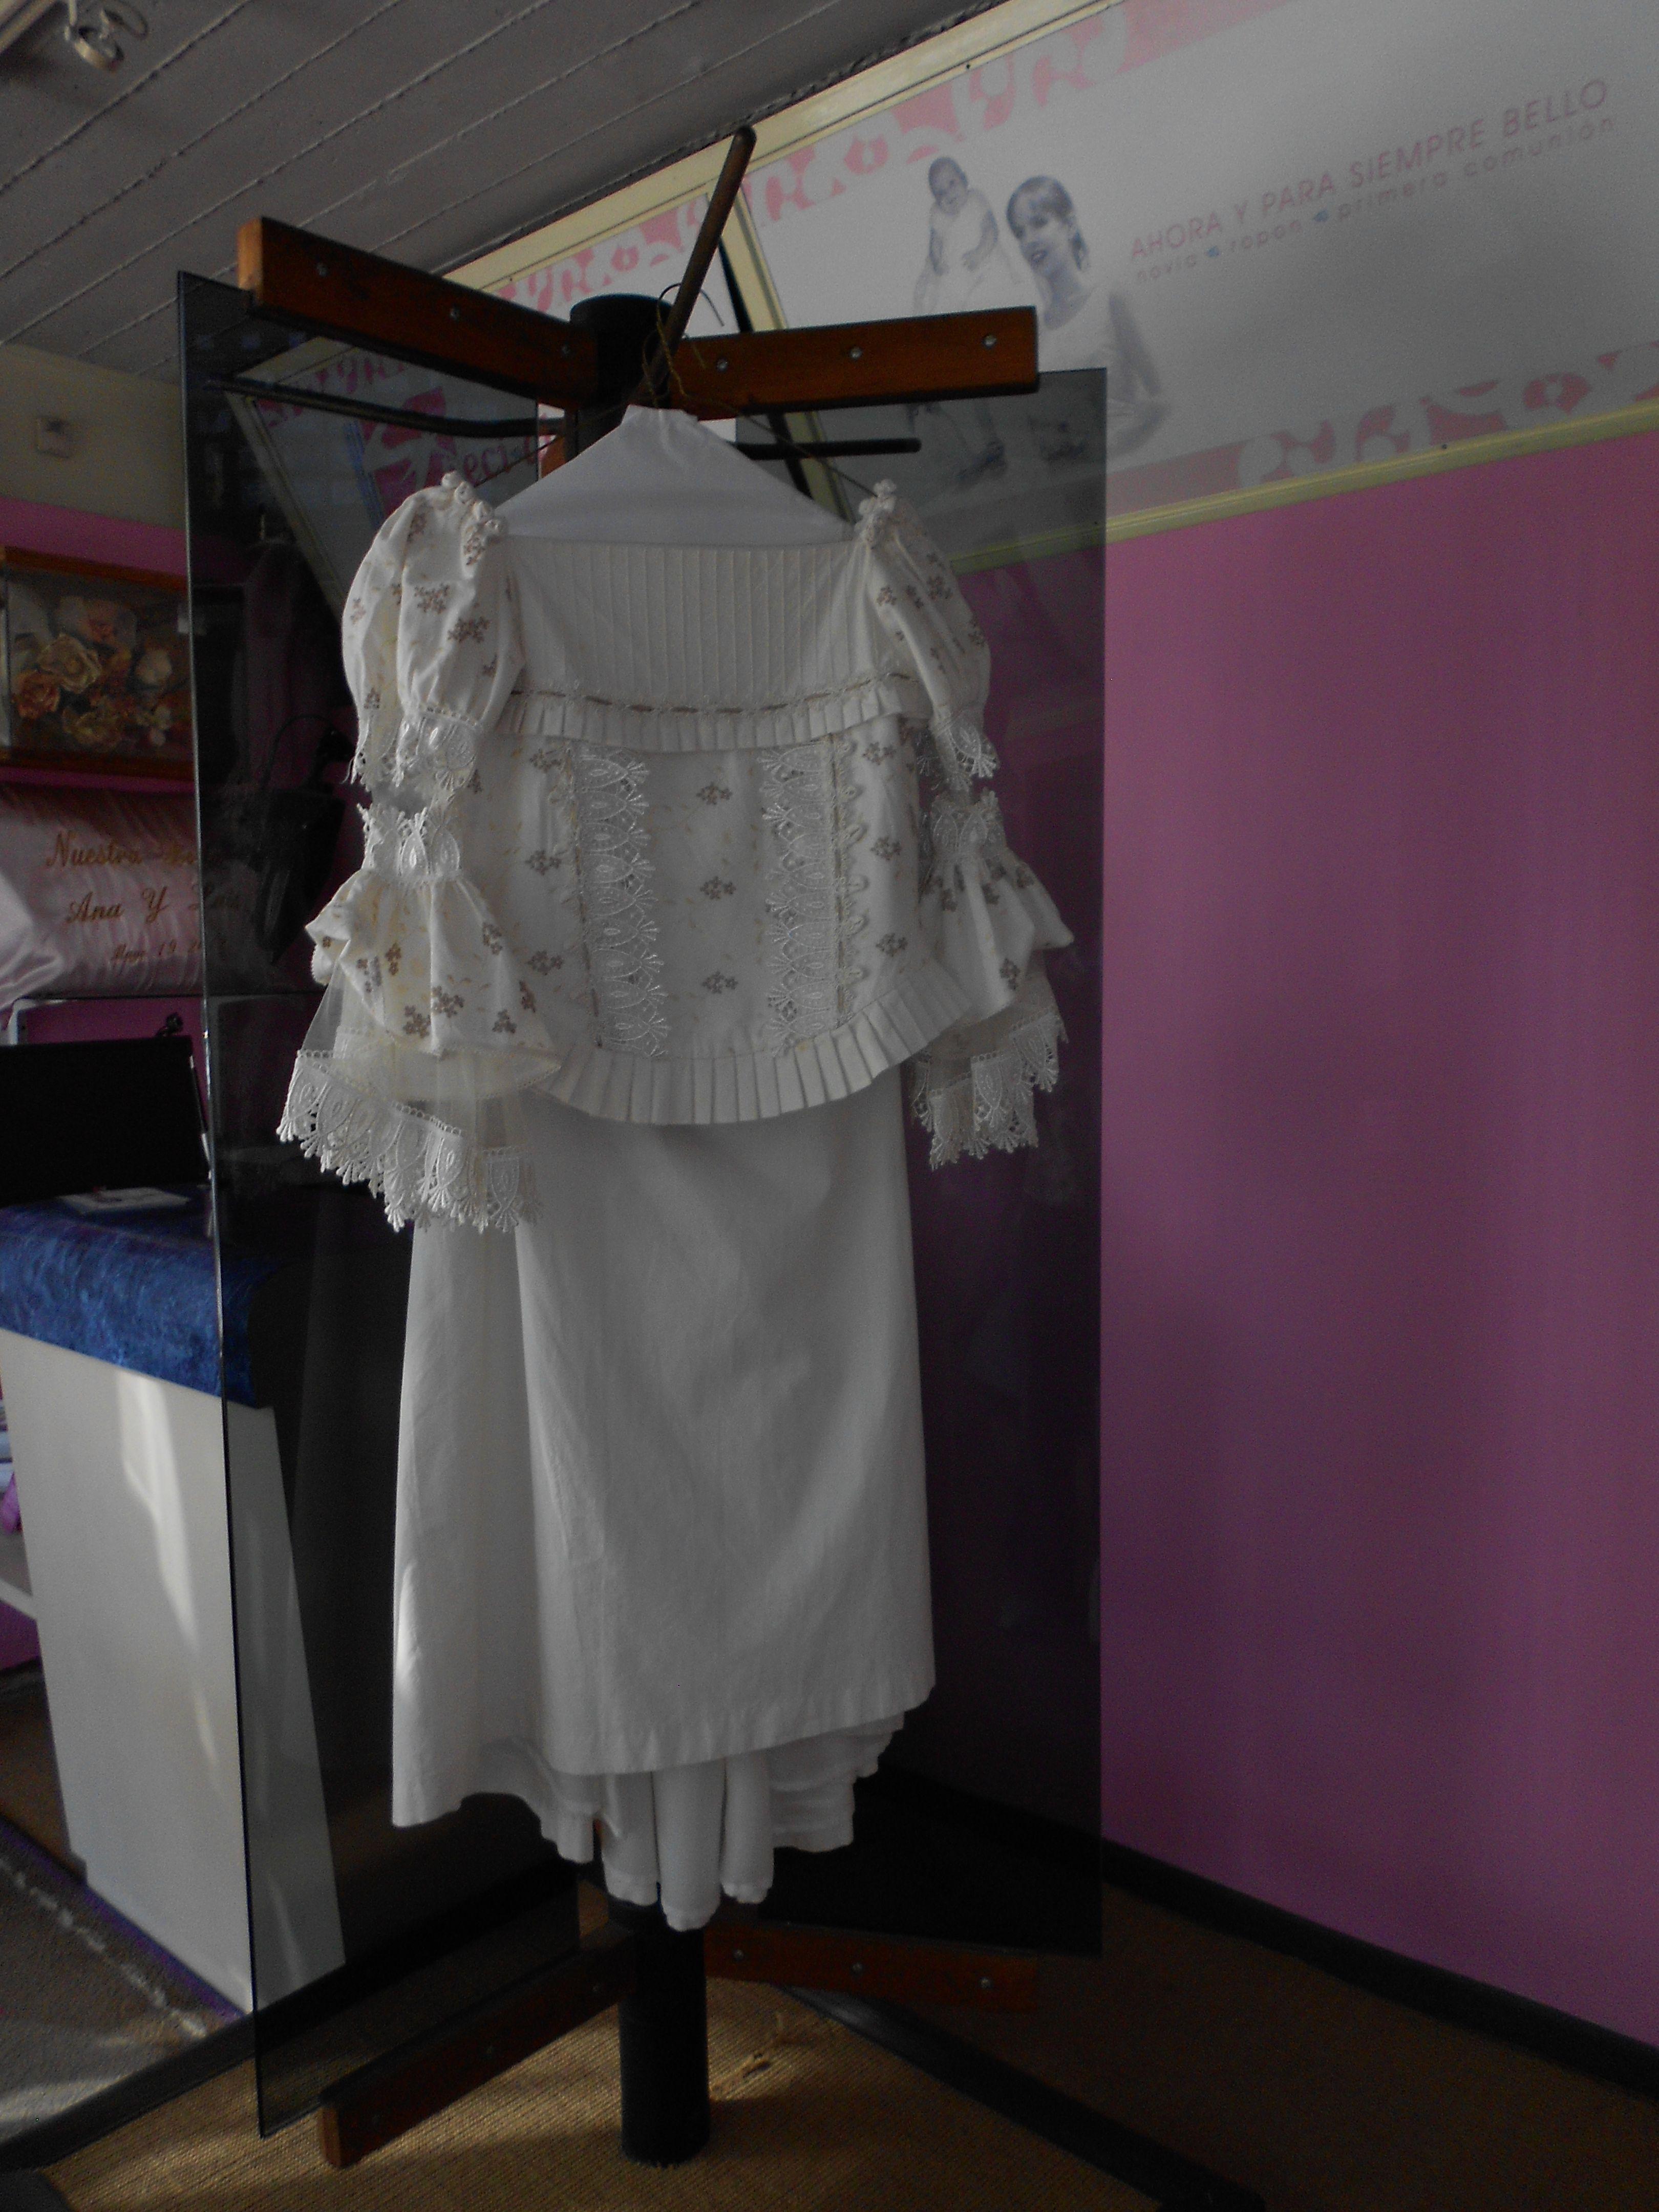 Volvio a lucir como nuevo, vestido de primera comunión en manta de mamá, ahora para su pequeña.en specialty cleaners.